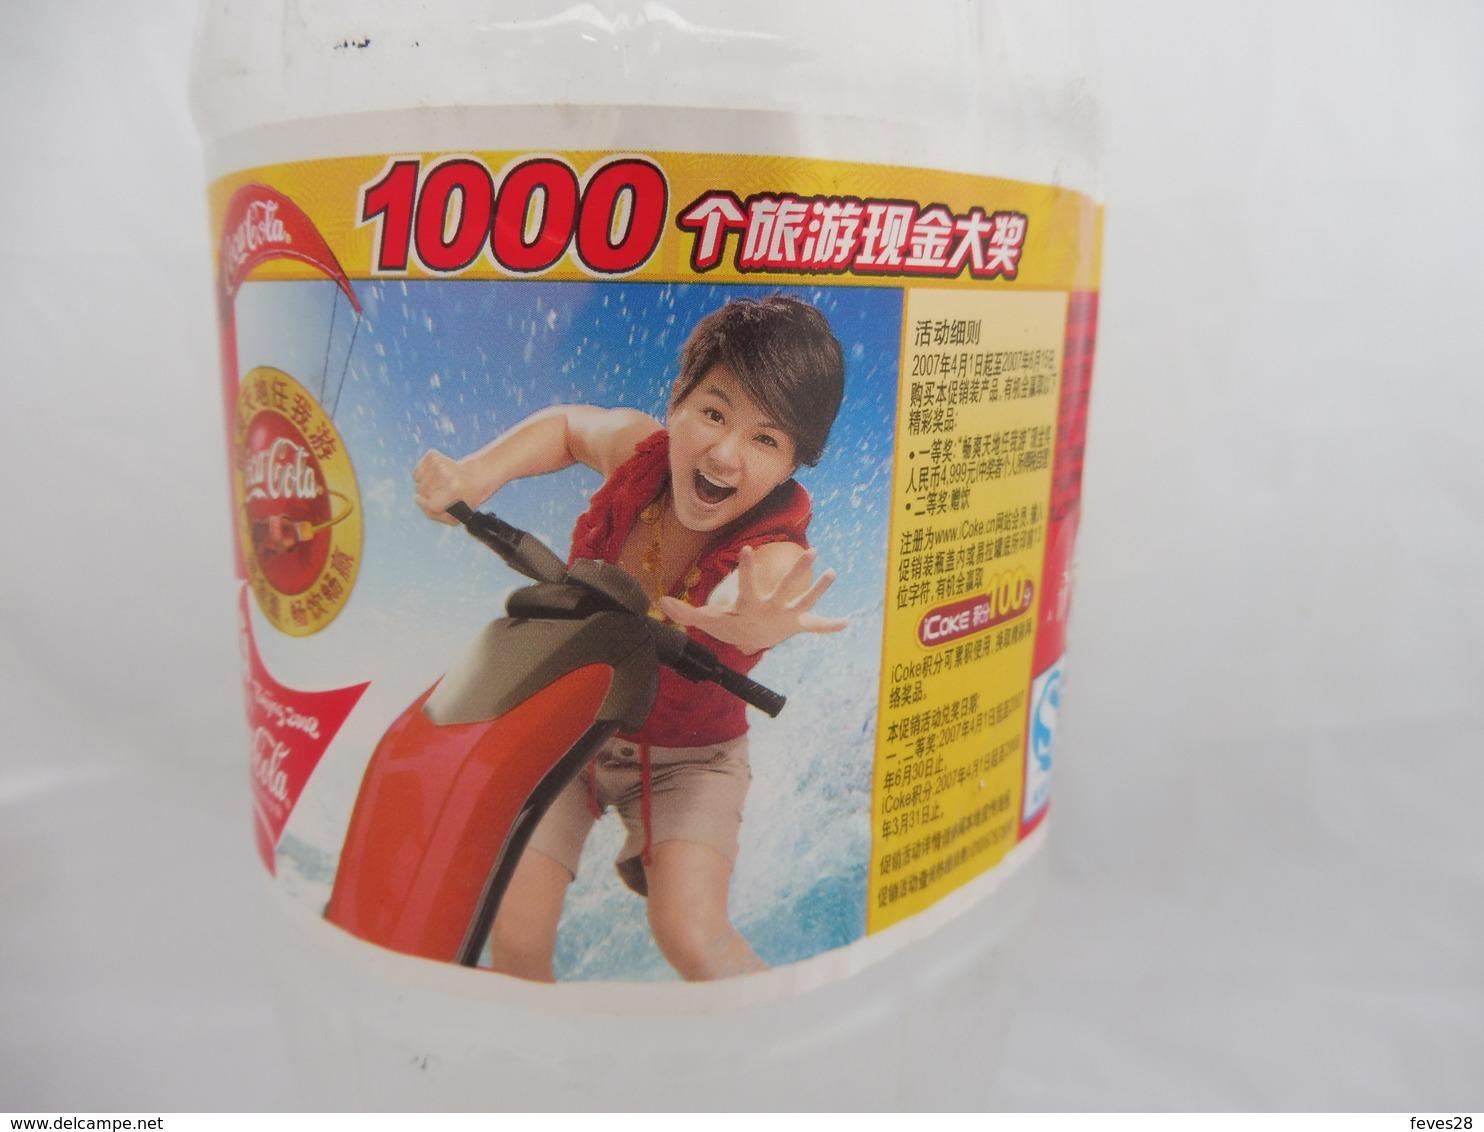 COCA COLA® BOUTEILLE PLASTIQUE VIDE CHINE 2007 1.25L - Bouteilles